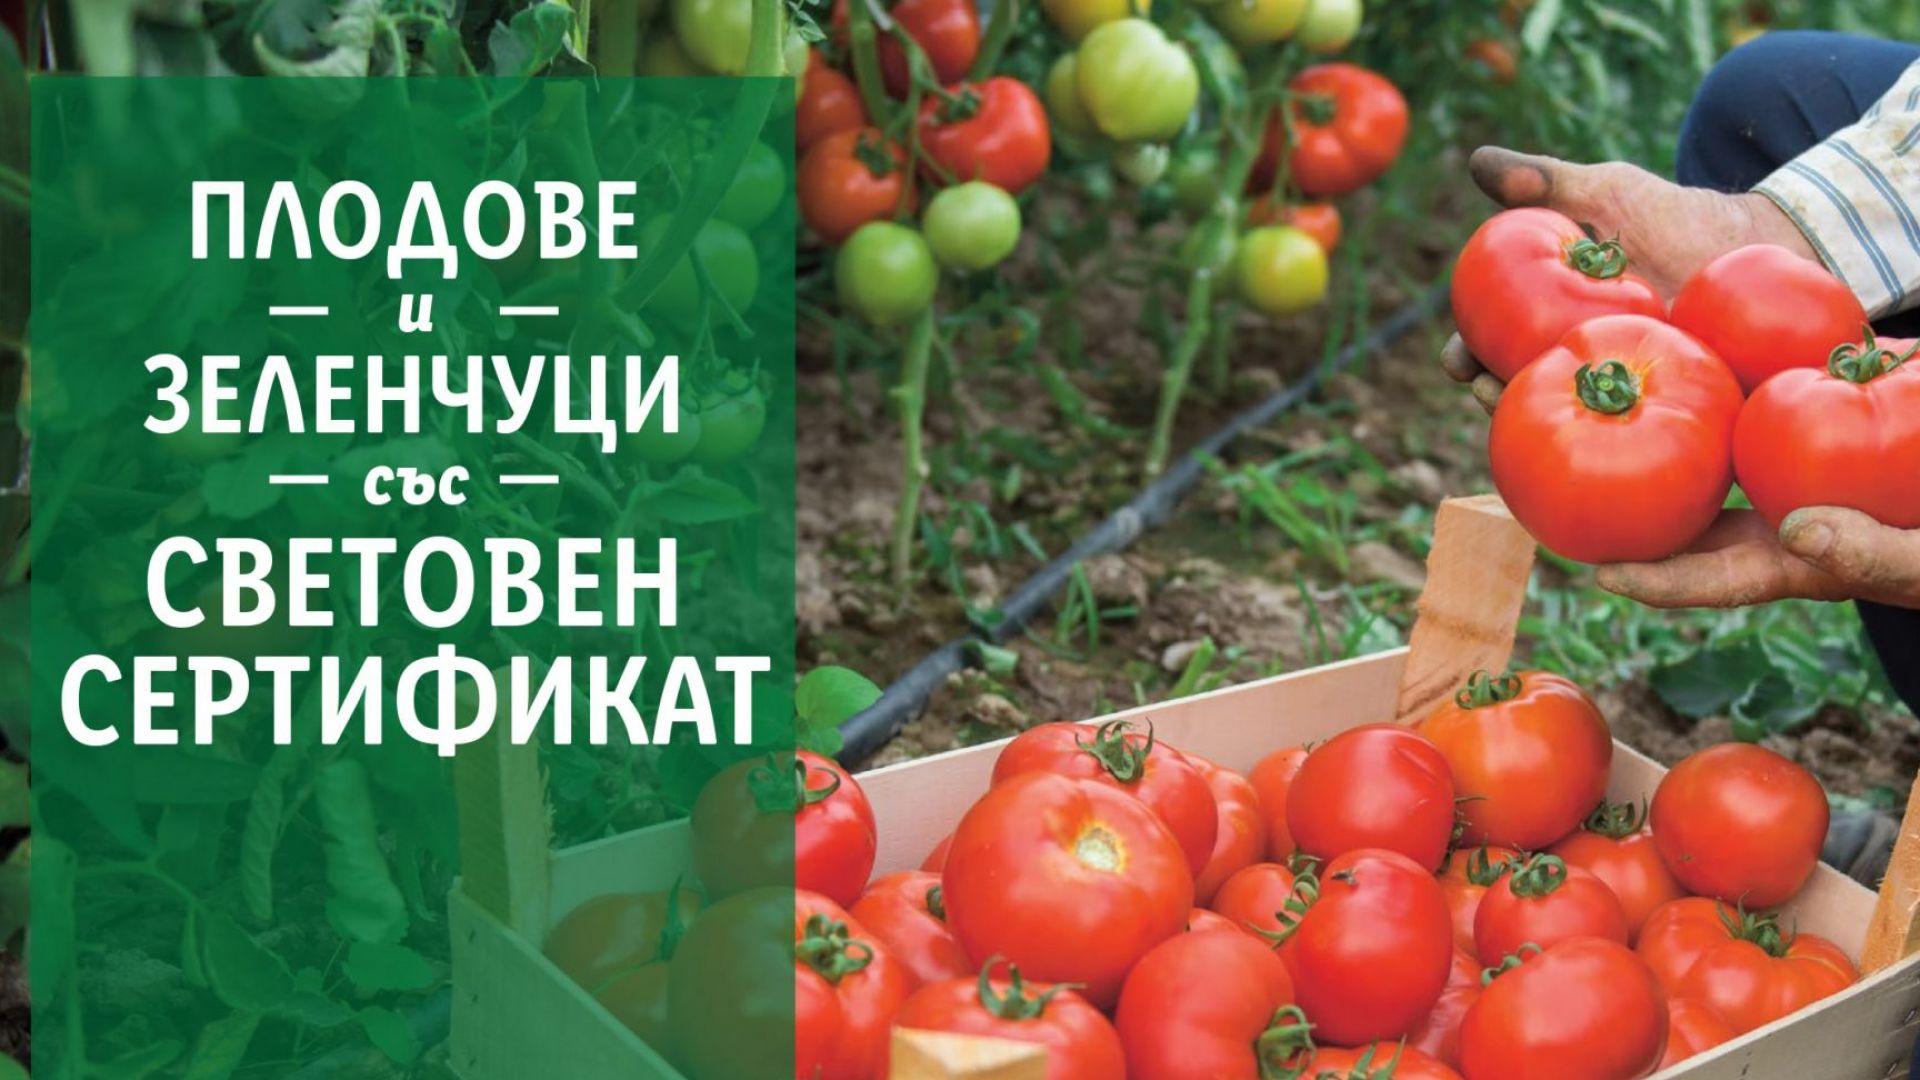 В подкрепа на родното производство LIDL предлага 100 % български розови домати и био краставици в цялата верига магазини